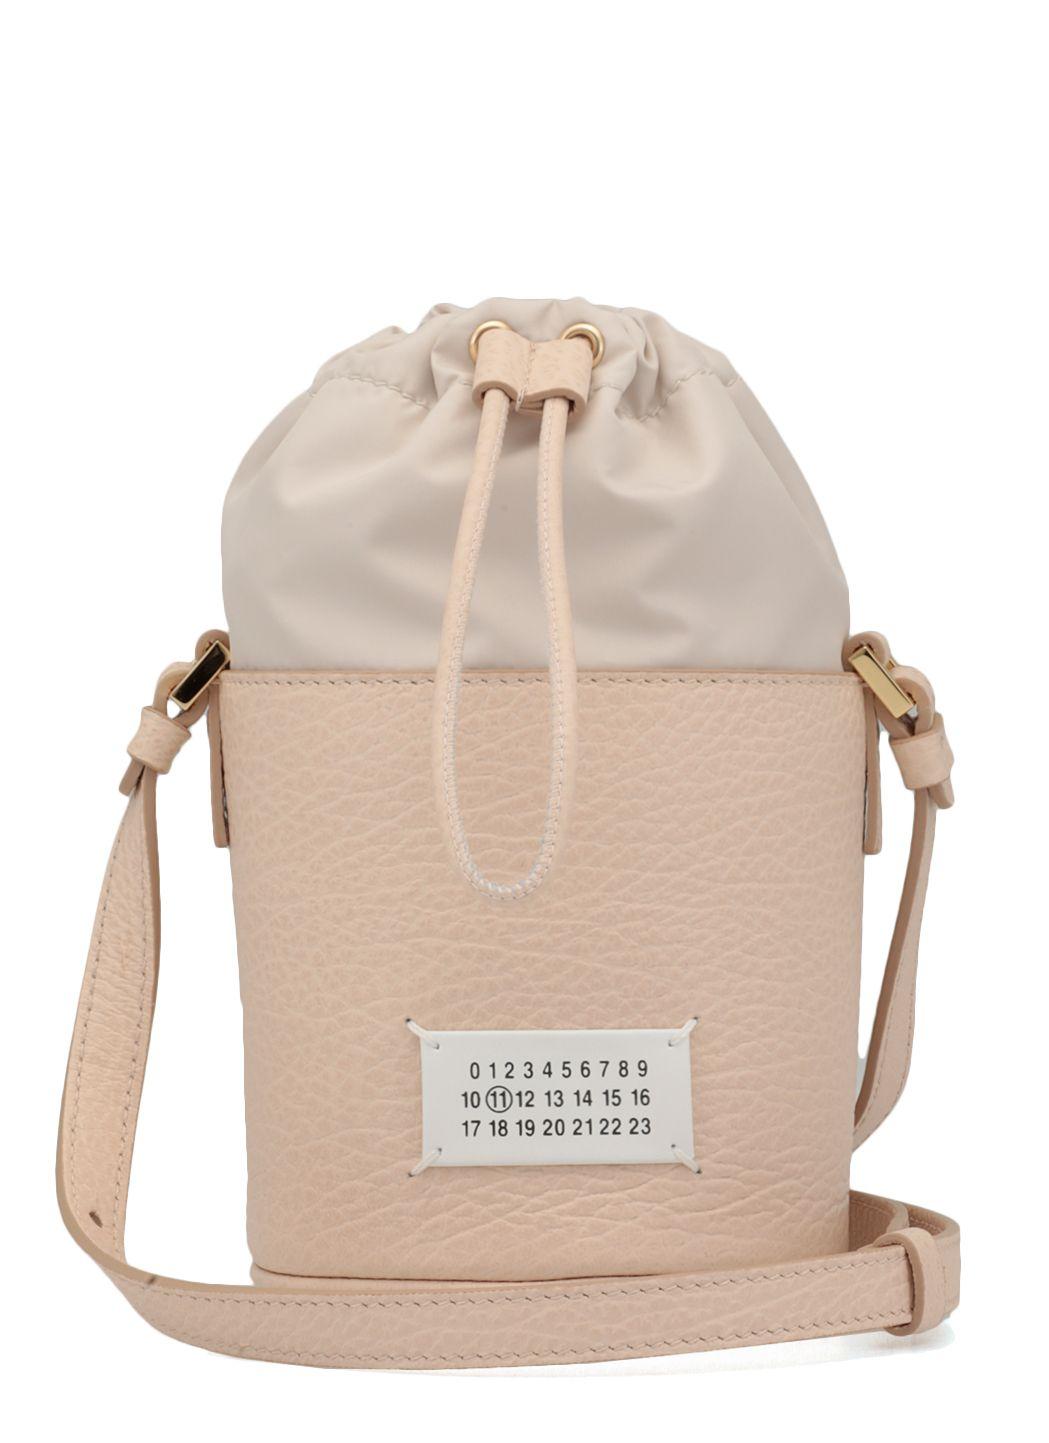 Pebbled leather mini bucket bag